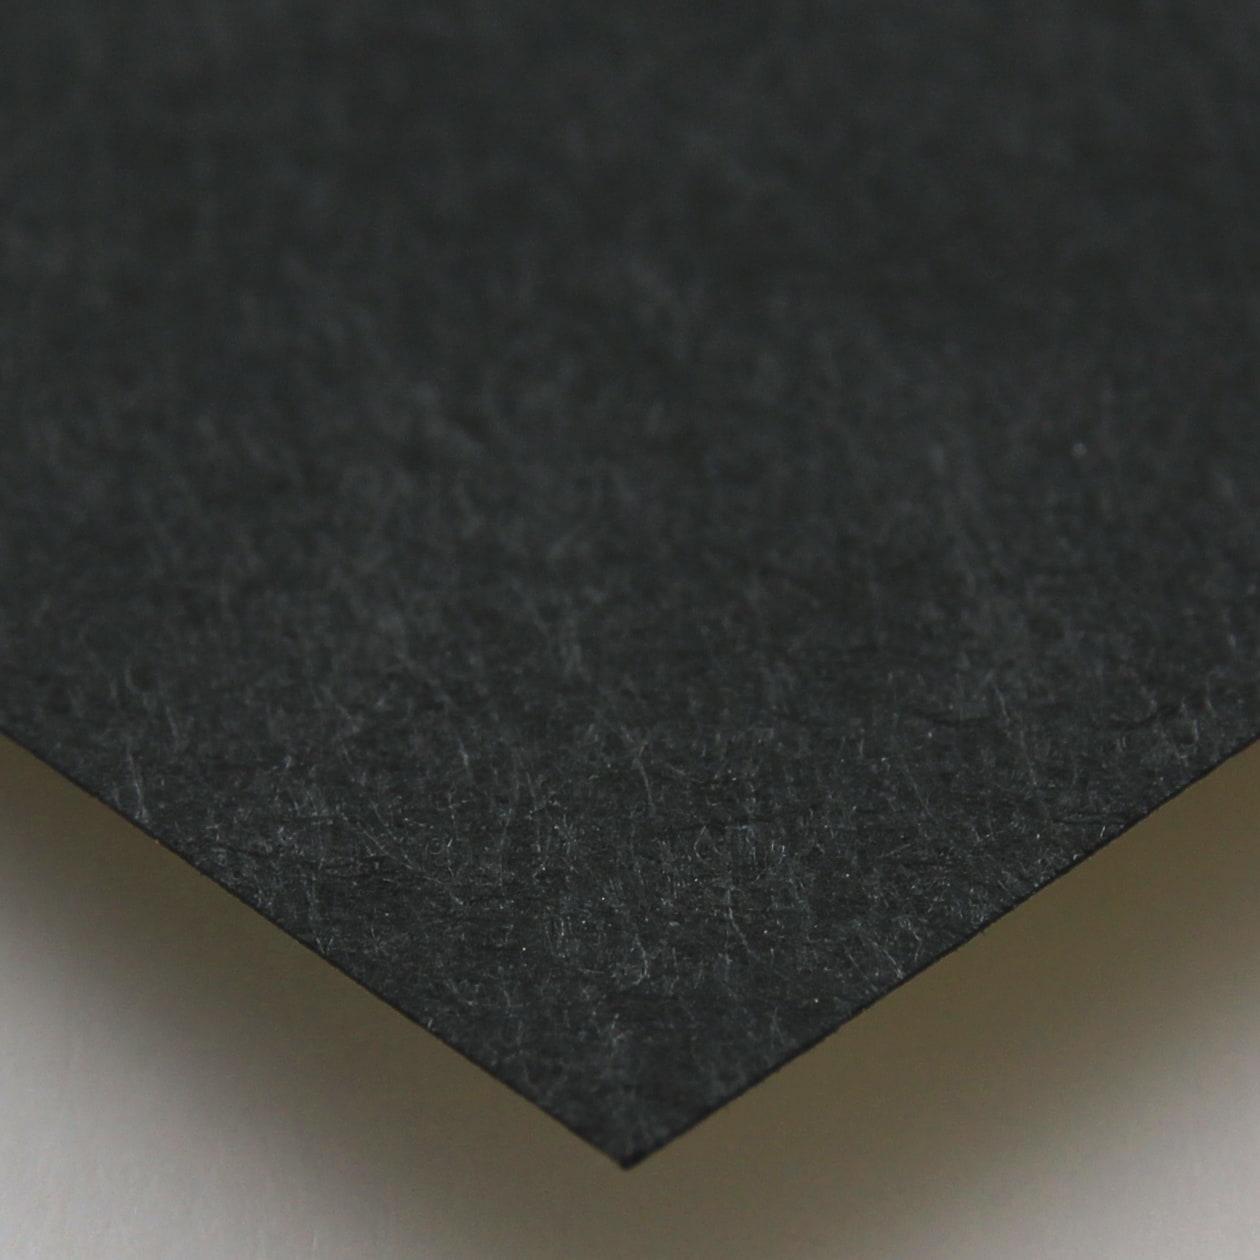 A6シール コニーカラー ブラック